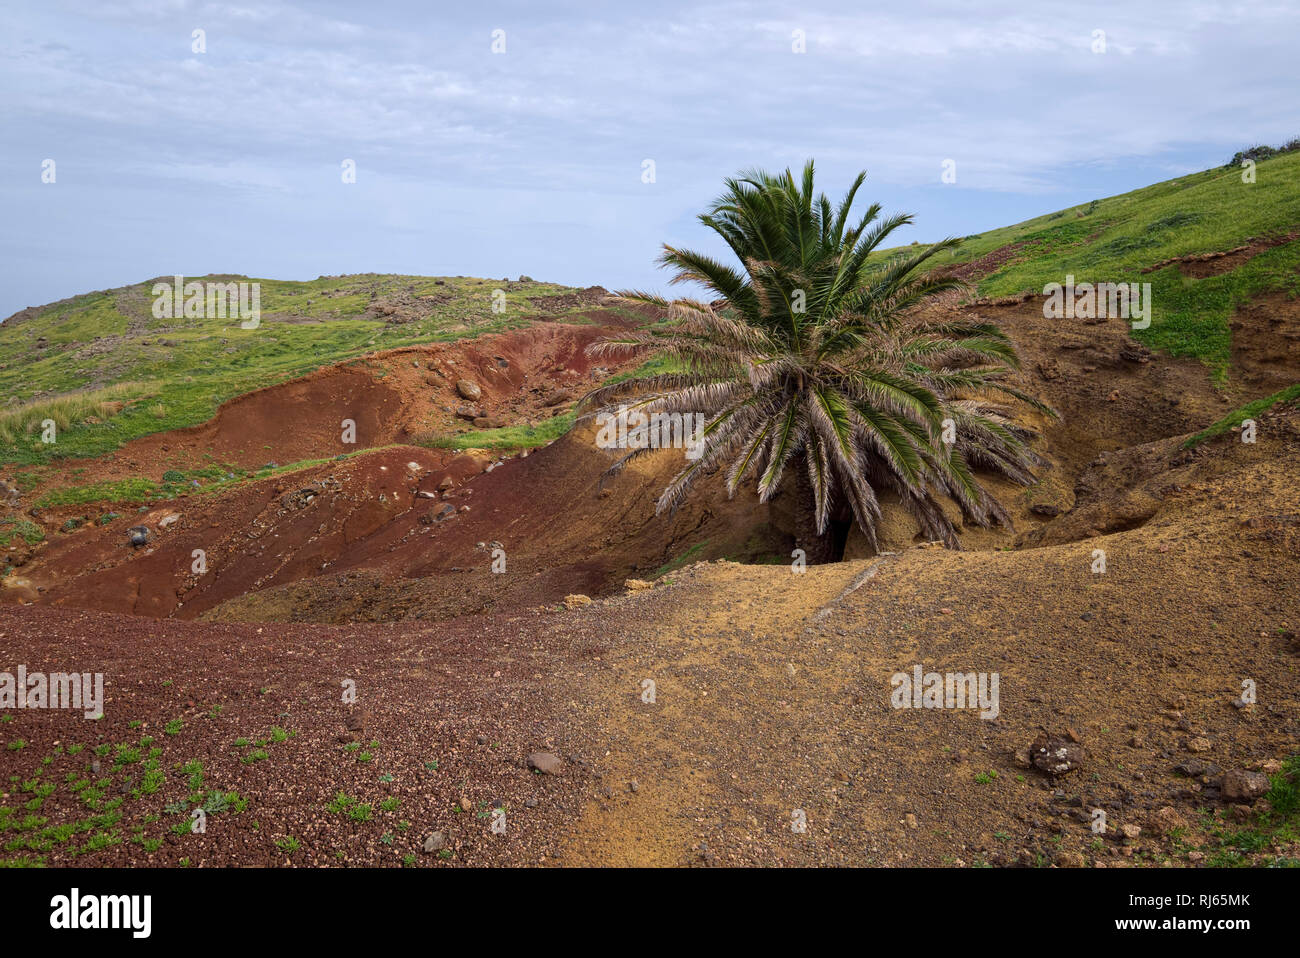 Portugal, Madeira, Palme, Halbinsel, vulkanisch Stockbild